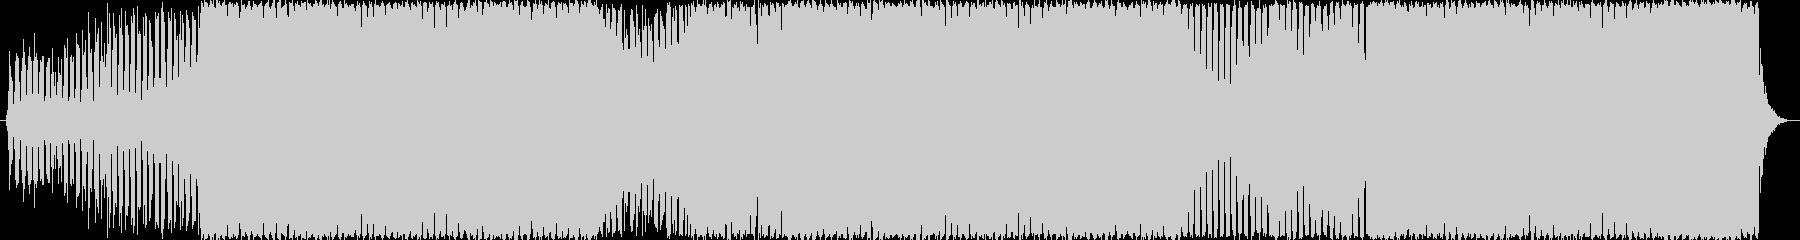 EDM/ダンスミュージック系の4つ打ち曲の未再生の波形